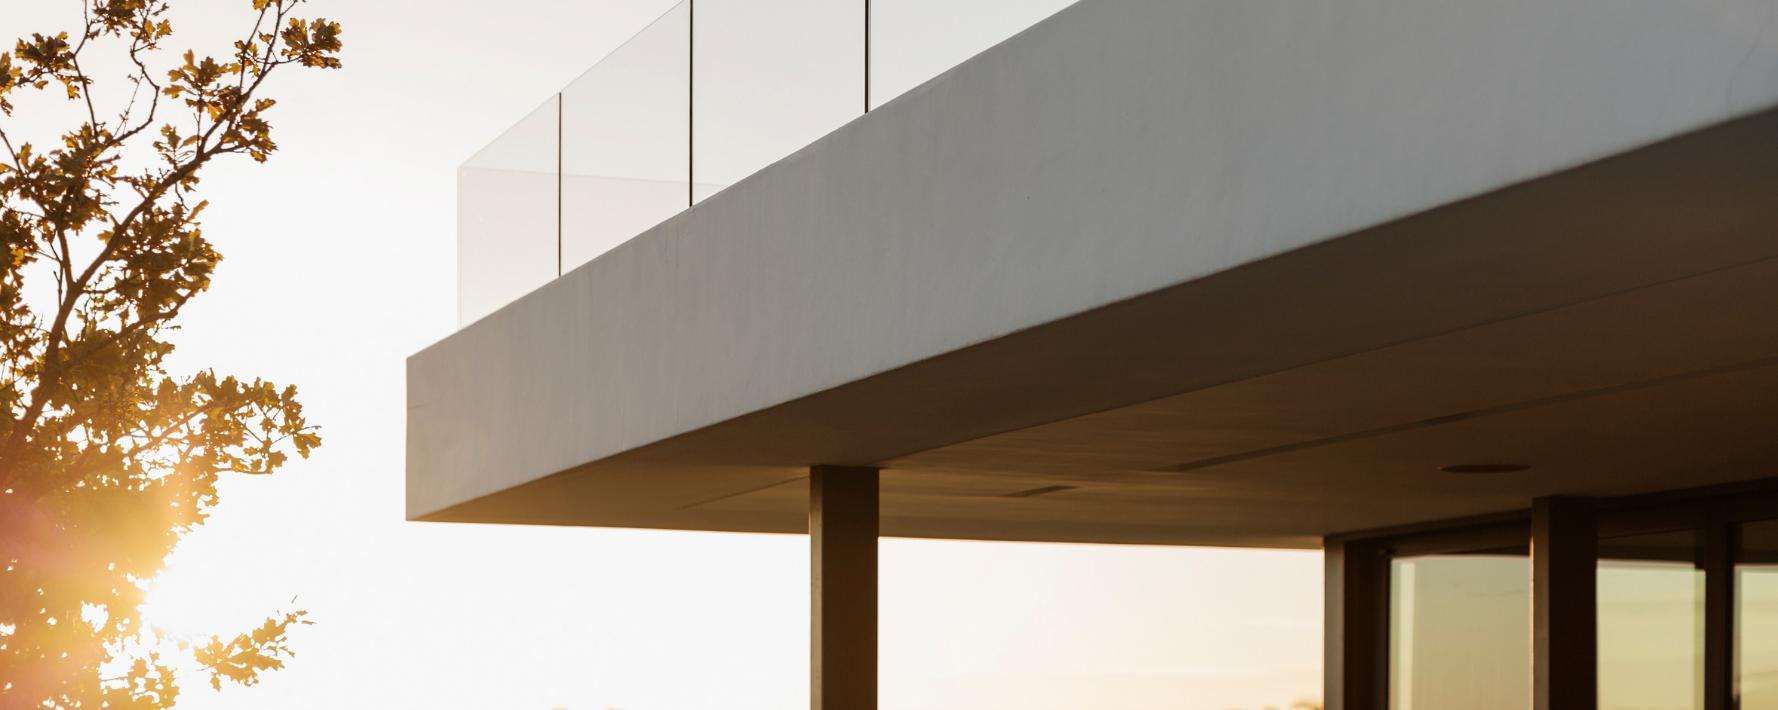 Oogstrelende design balustrades die ook nog eens super veilig zijn!